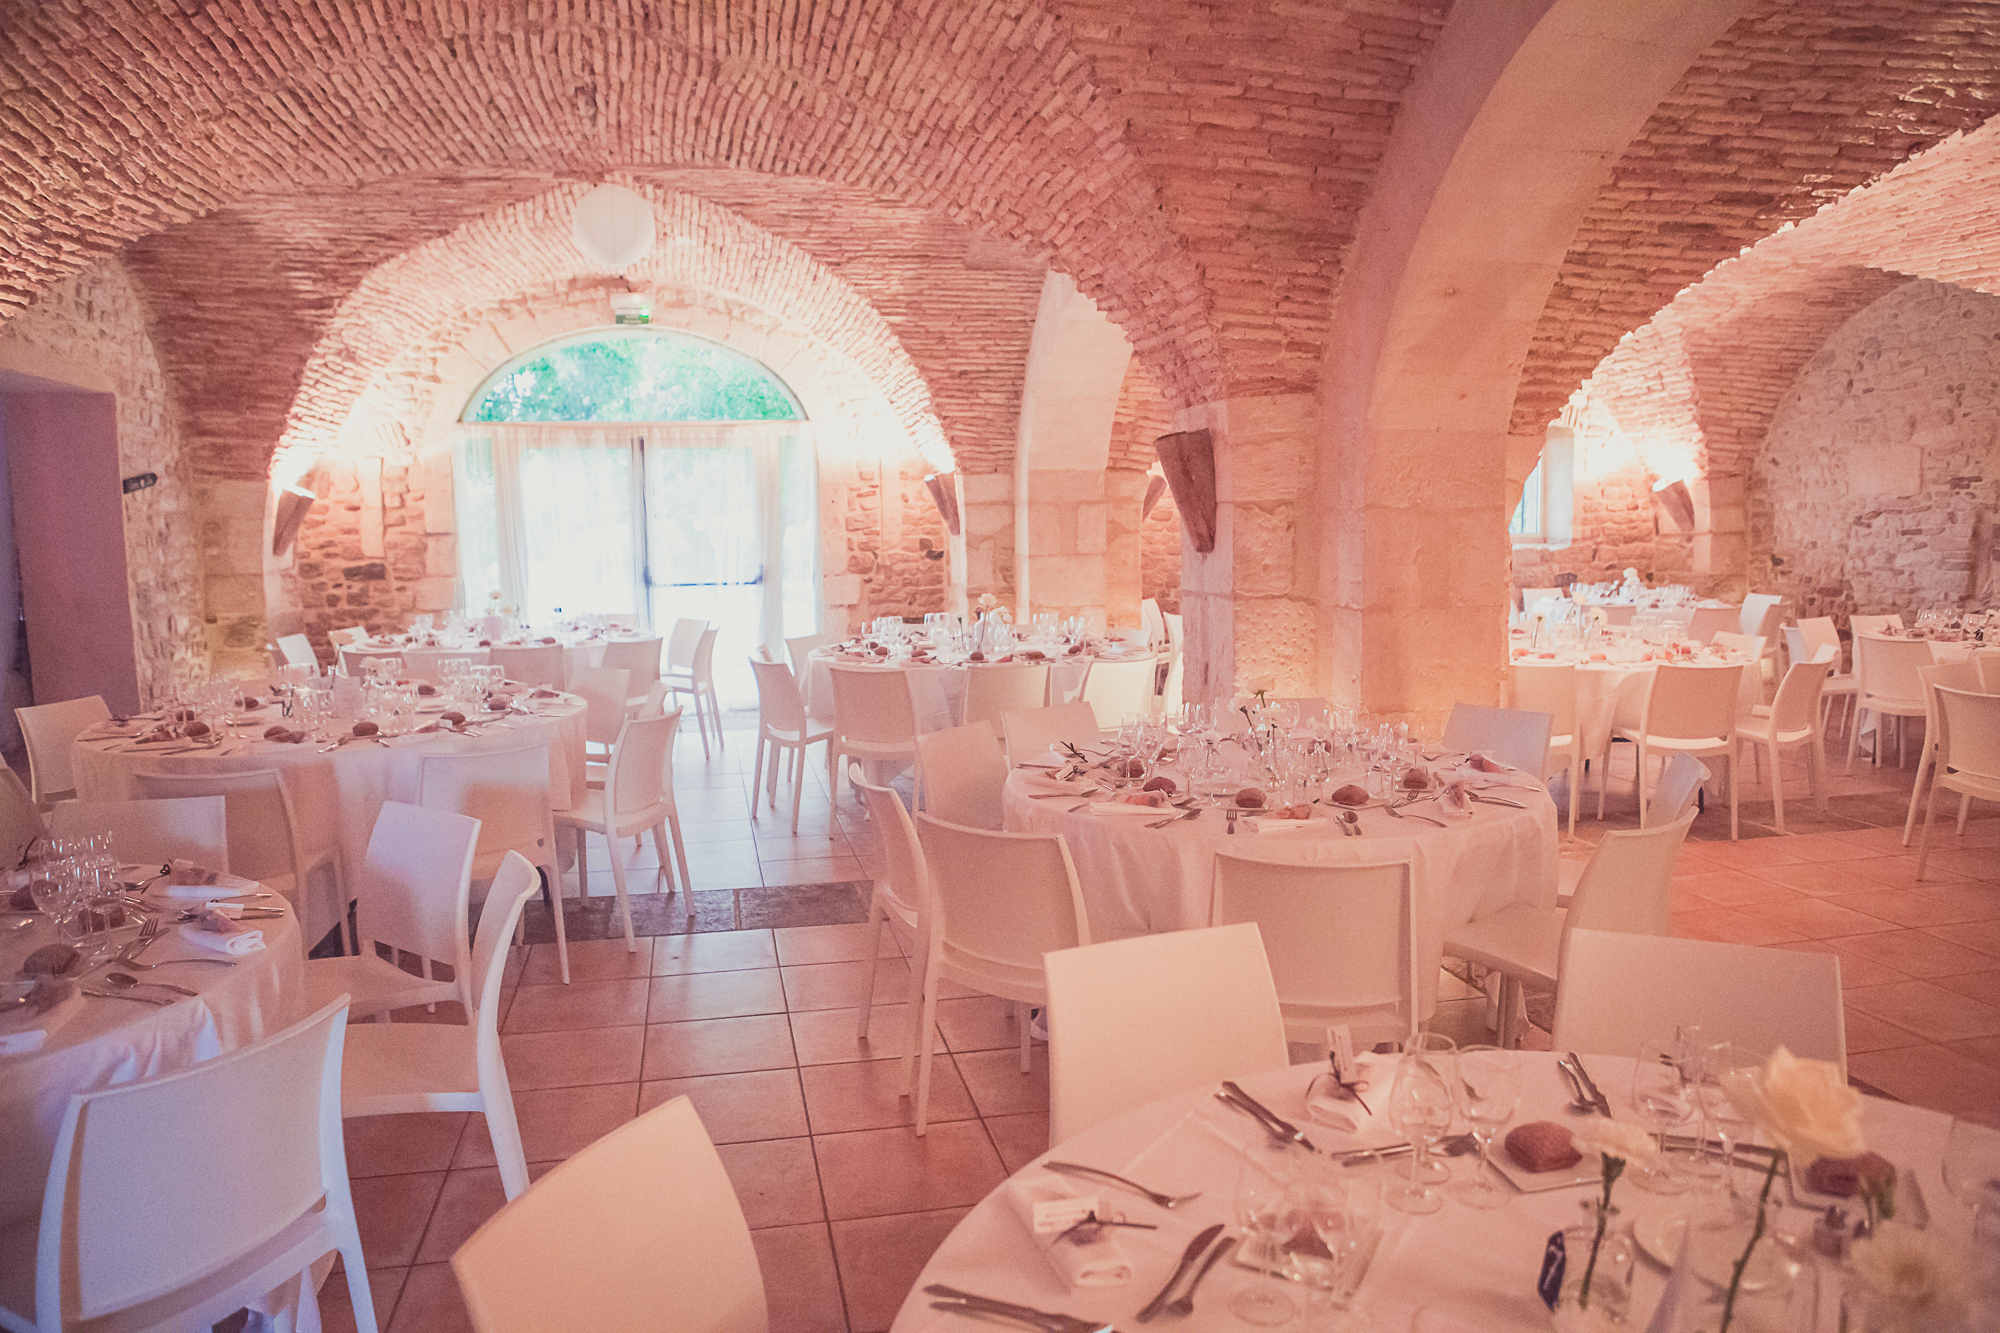 Versionluxe Deco Blanche Chic Epuree Salle Mariage Pierres